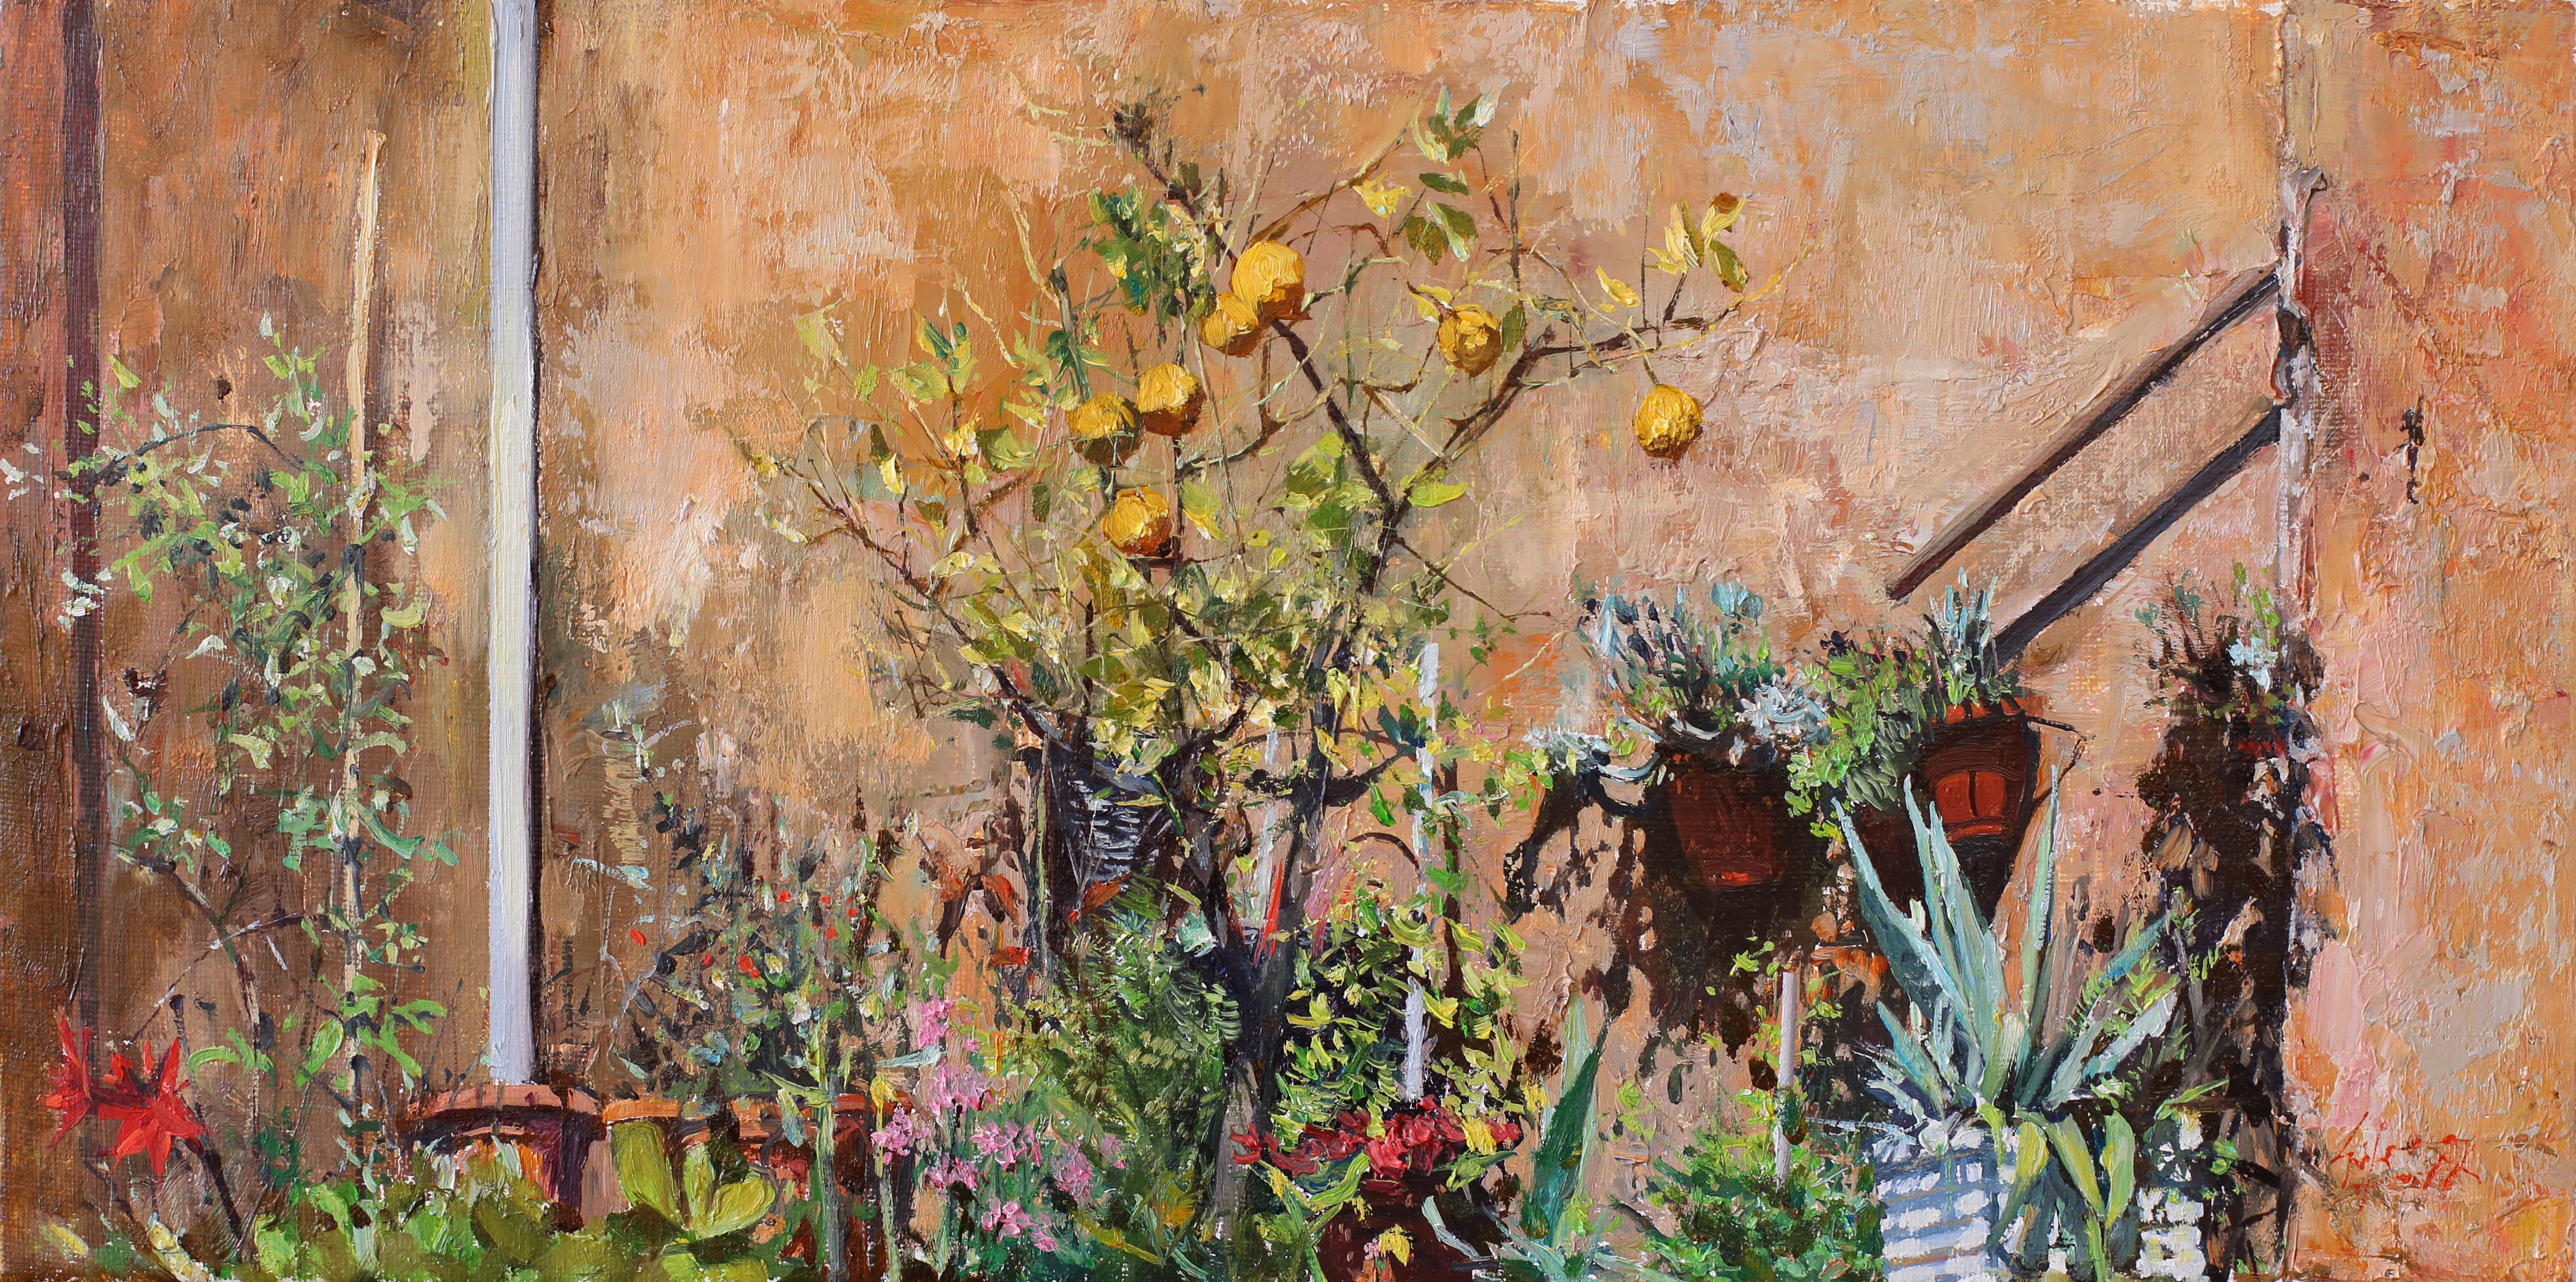 작은 정원 45.2x22.5 Oil on canvas 2014